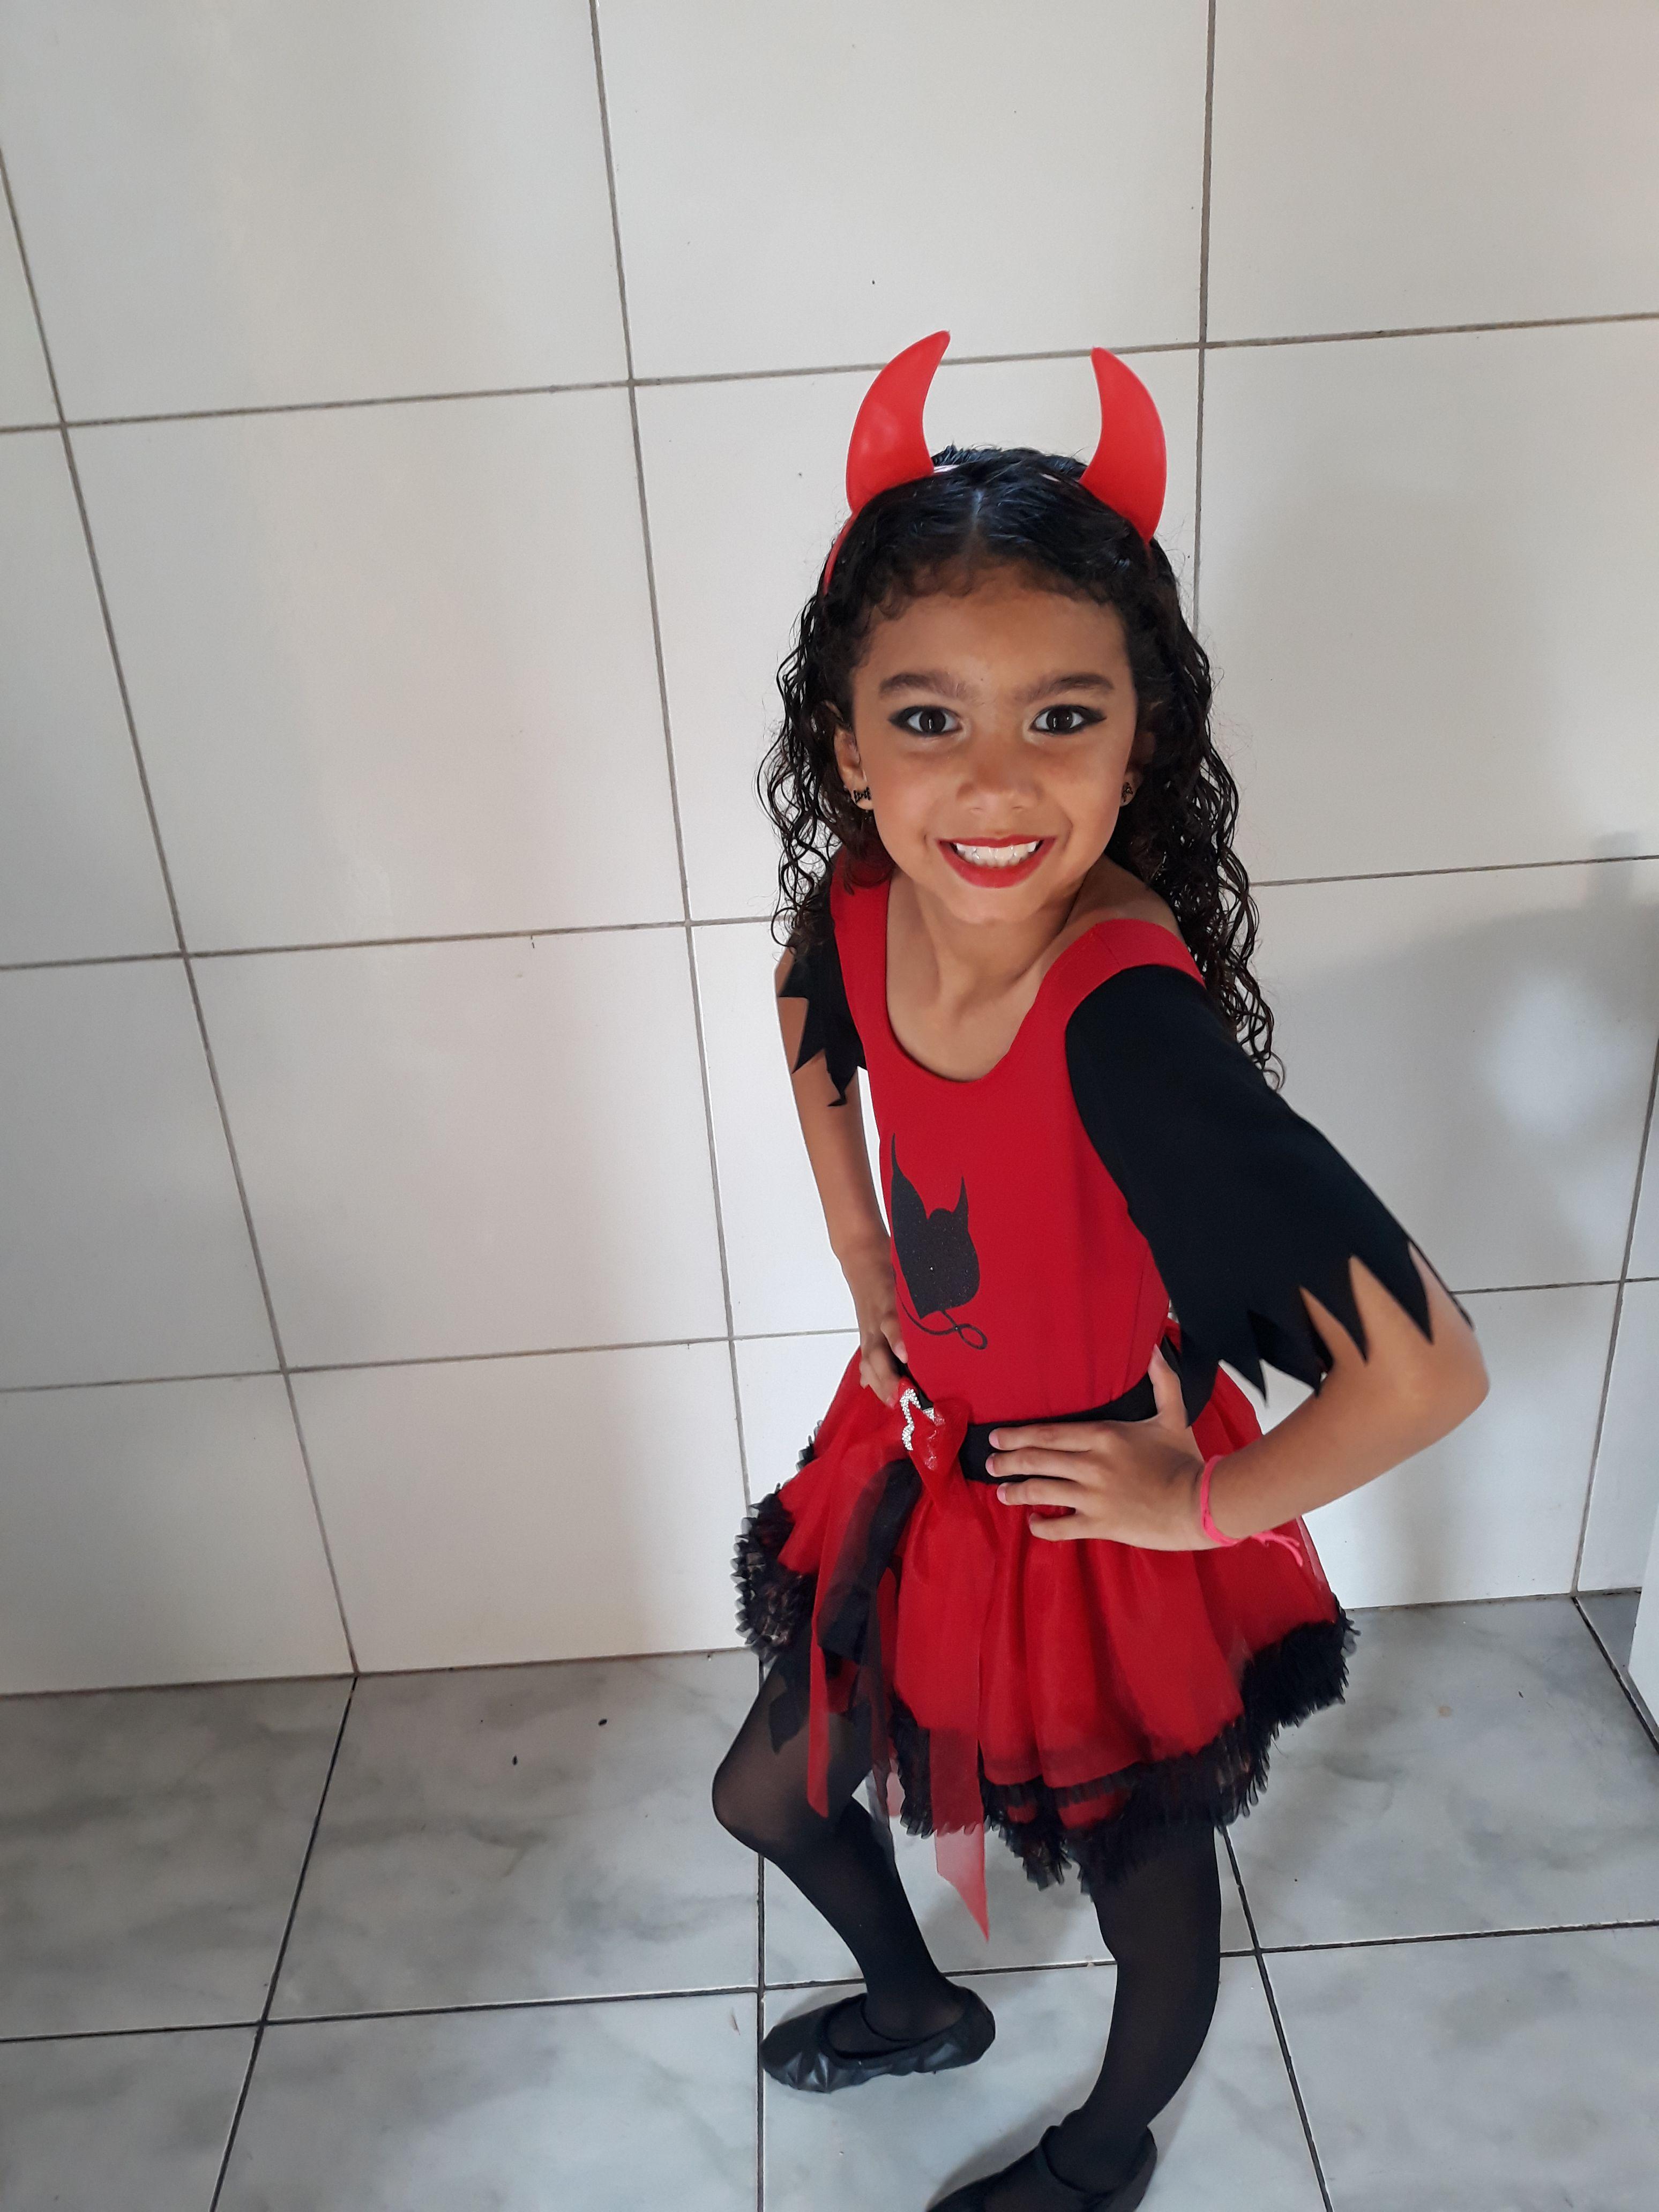 50b624ce6 Já escolheu sua Fantasia de Halloween? 👻 . . Cliente faça parte do nosso  mural